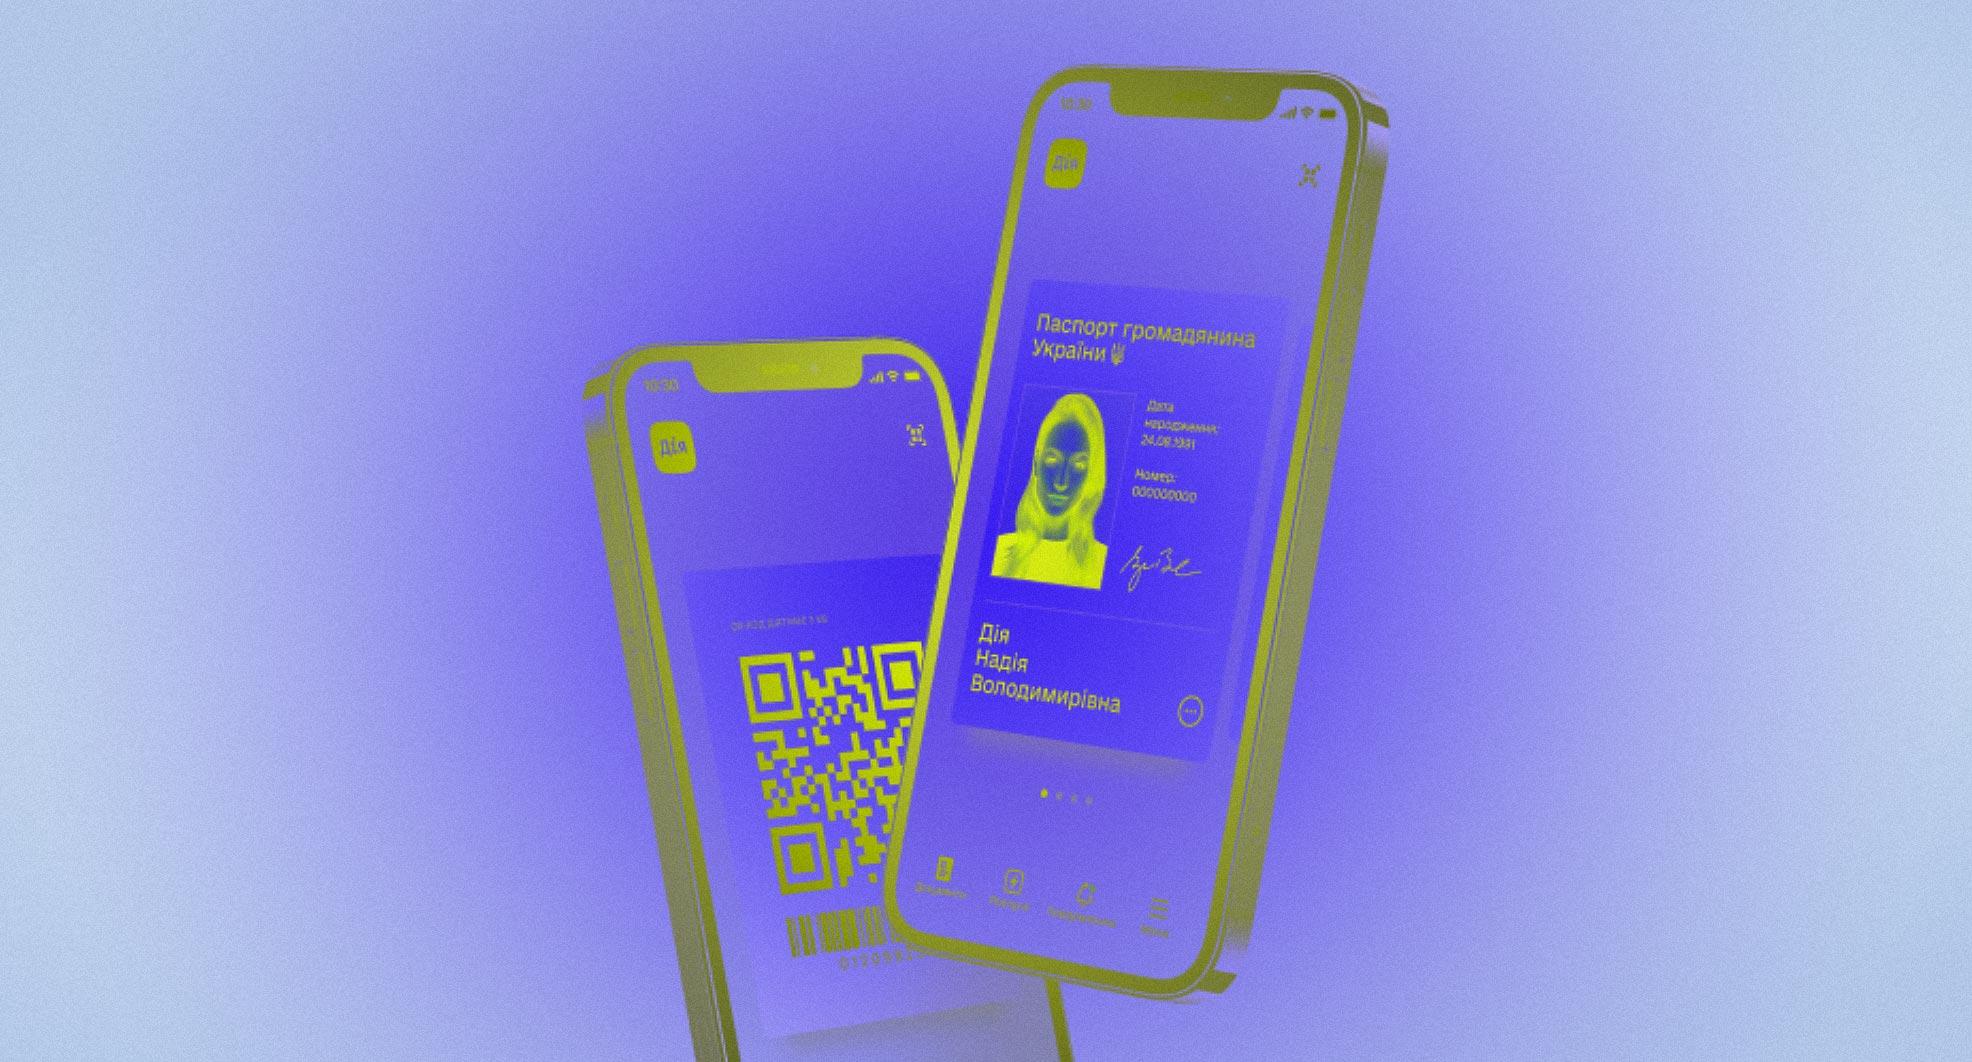 digital ministery - <b>Україна першою у світі може прирівняти електронний паспорт до паперового.</b> Розповідаємо, чому це зручно і небезпечно - Заборона